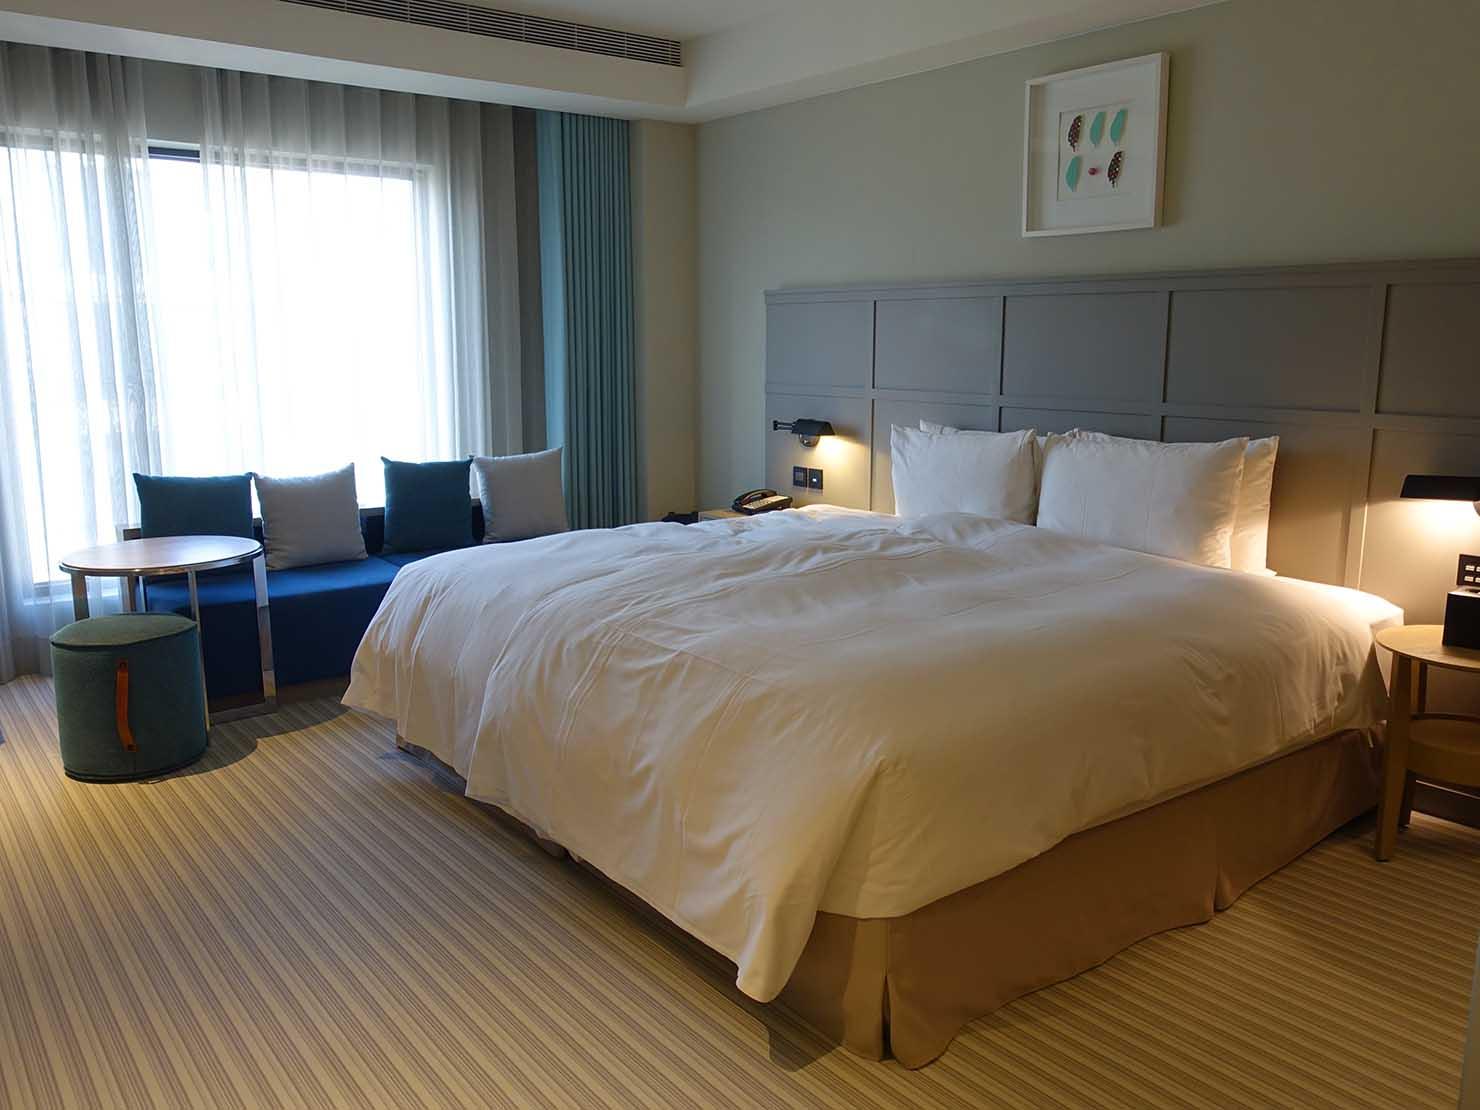 高雄市内観光におすすめのホテル「GREET INN 喜迎旅店」の豪華雙人房(デラックスダブル)の玄関側から見るベッドルーム